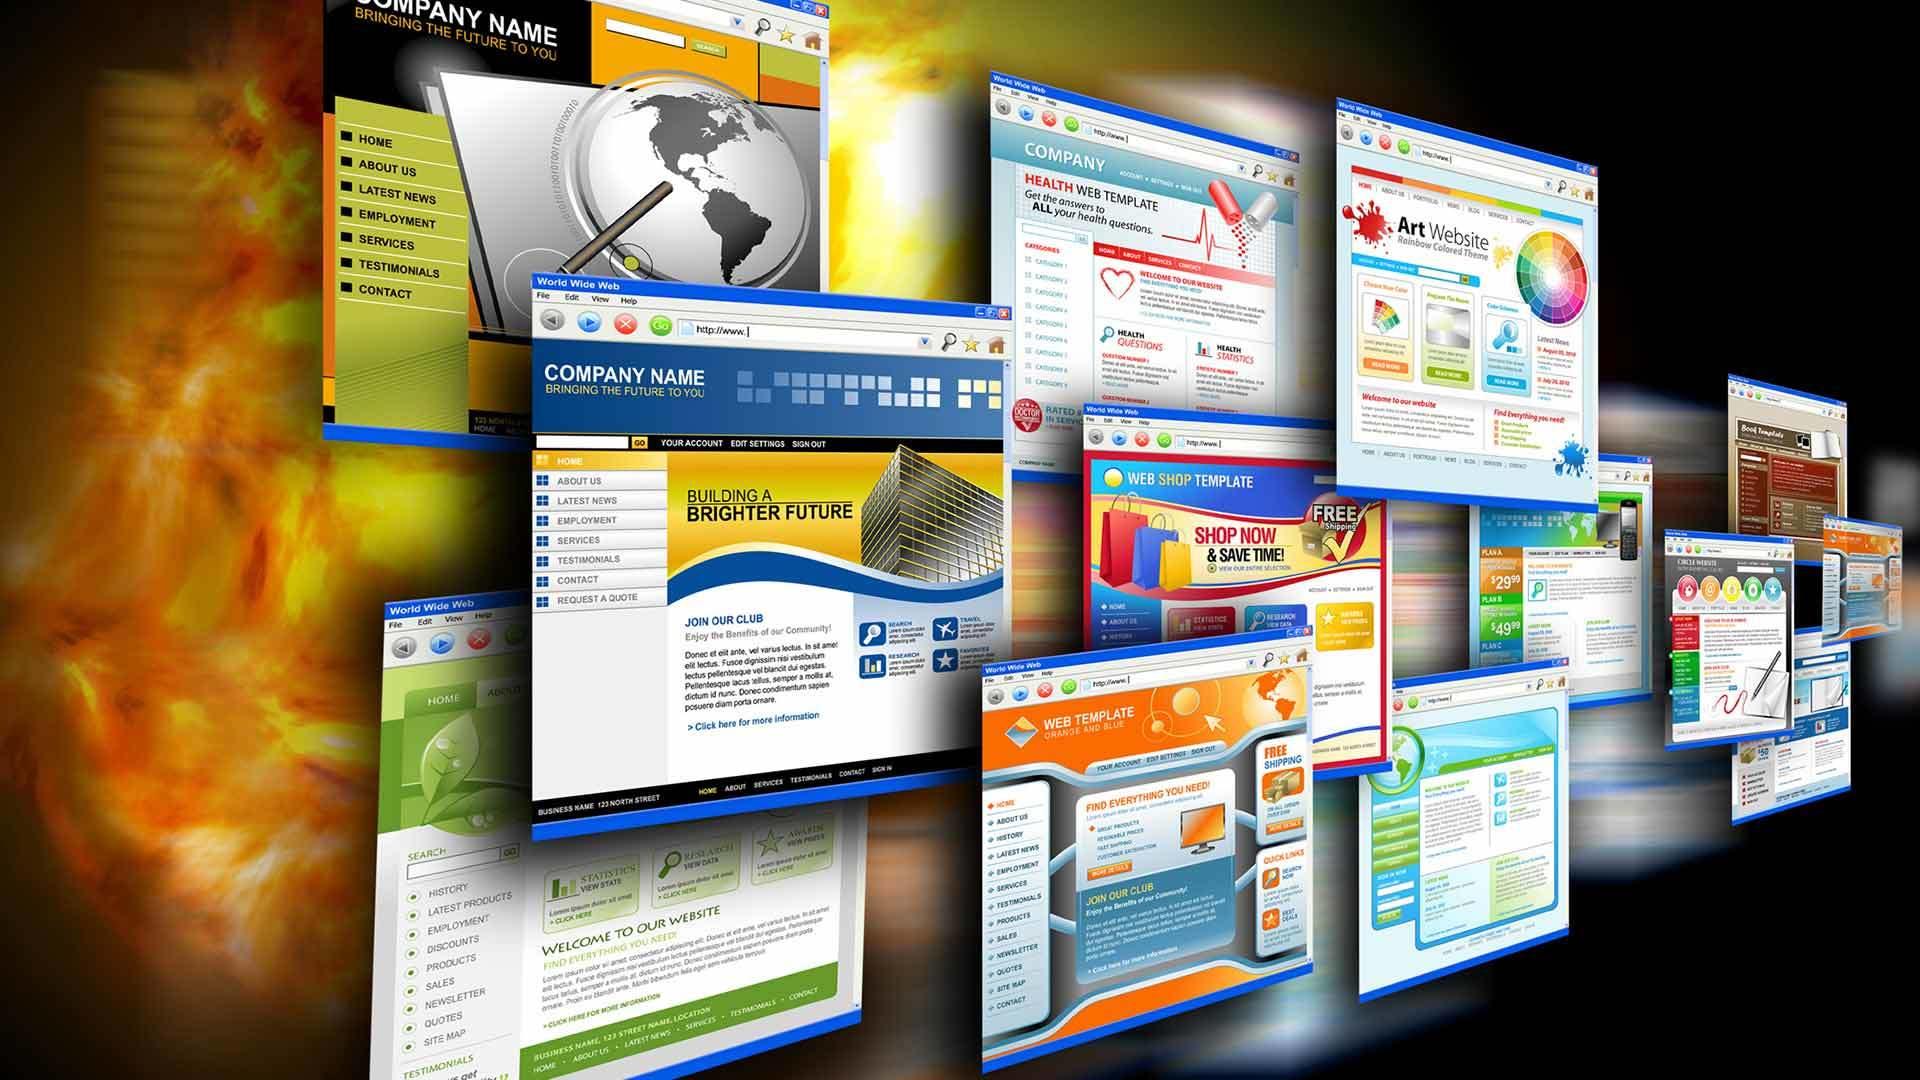 تعرف على أبرز أنواع محتوى المواقع الإلكترونية الناجح (7 أنواع)